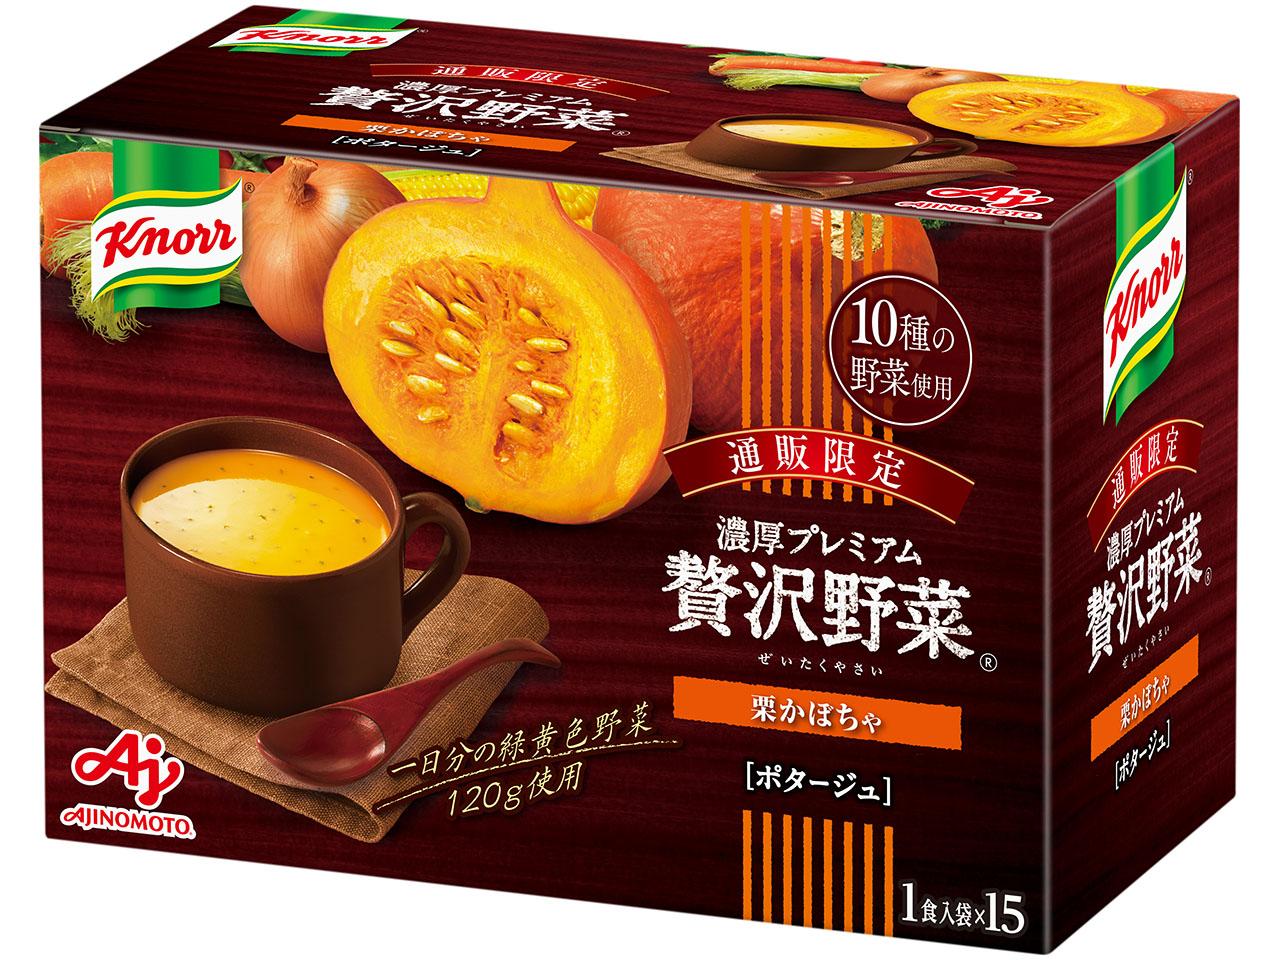 「クノール 贅沢野菜」<栗かぼちゃ>